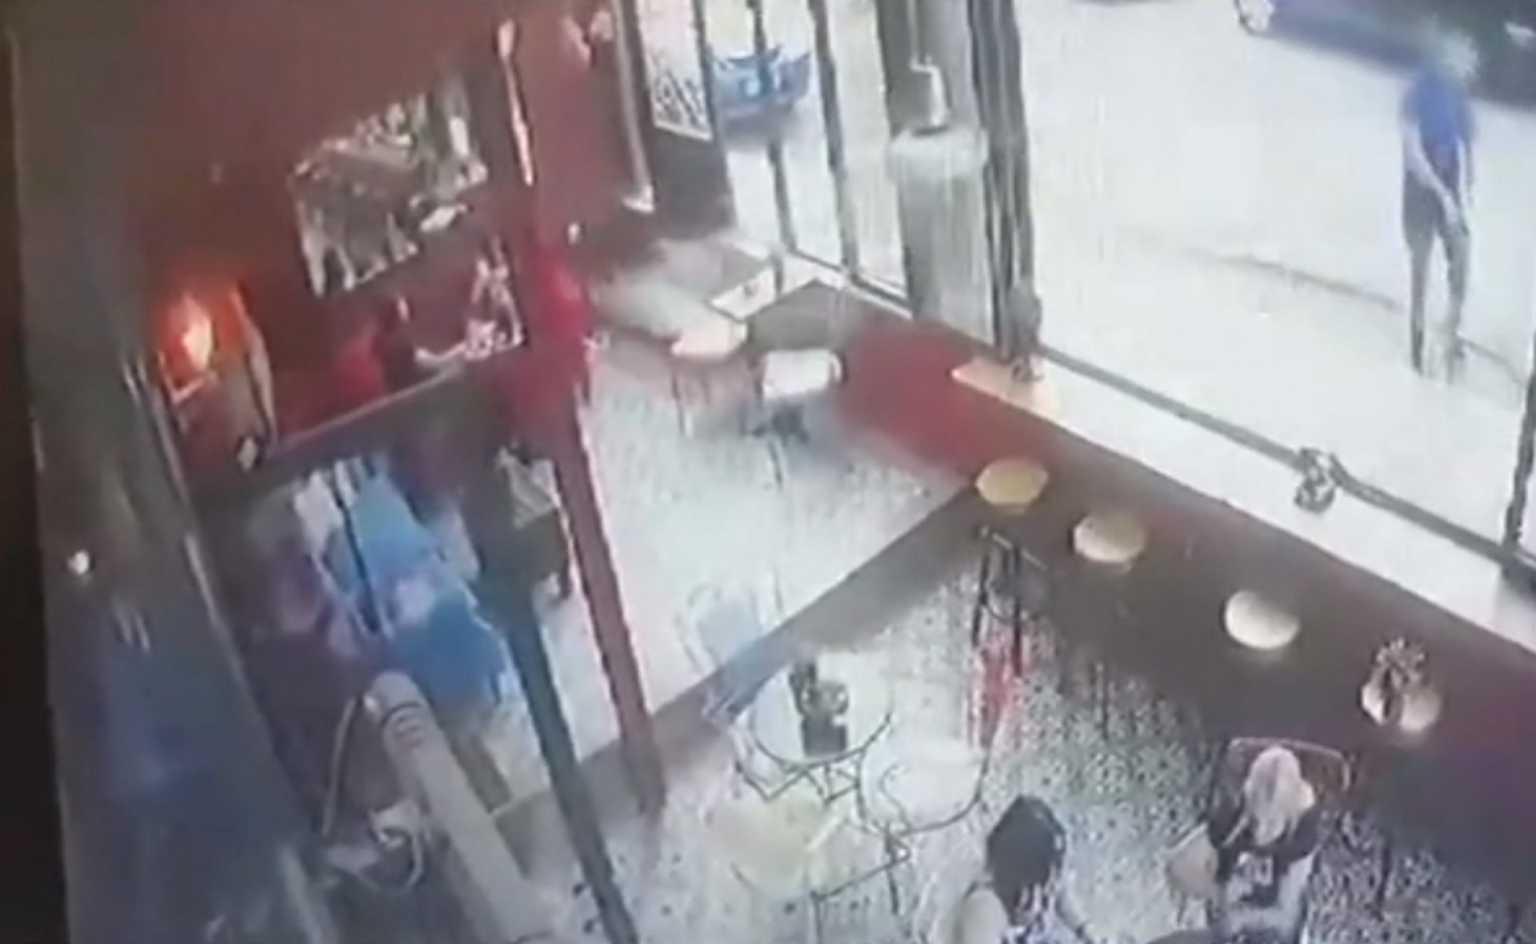 Περιστέρι: Βίντεο ντοκουμέντο – Η δολοφονία Κούρδου μέσα στην καφετέρια του Μάνου Παπαγιάννη